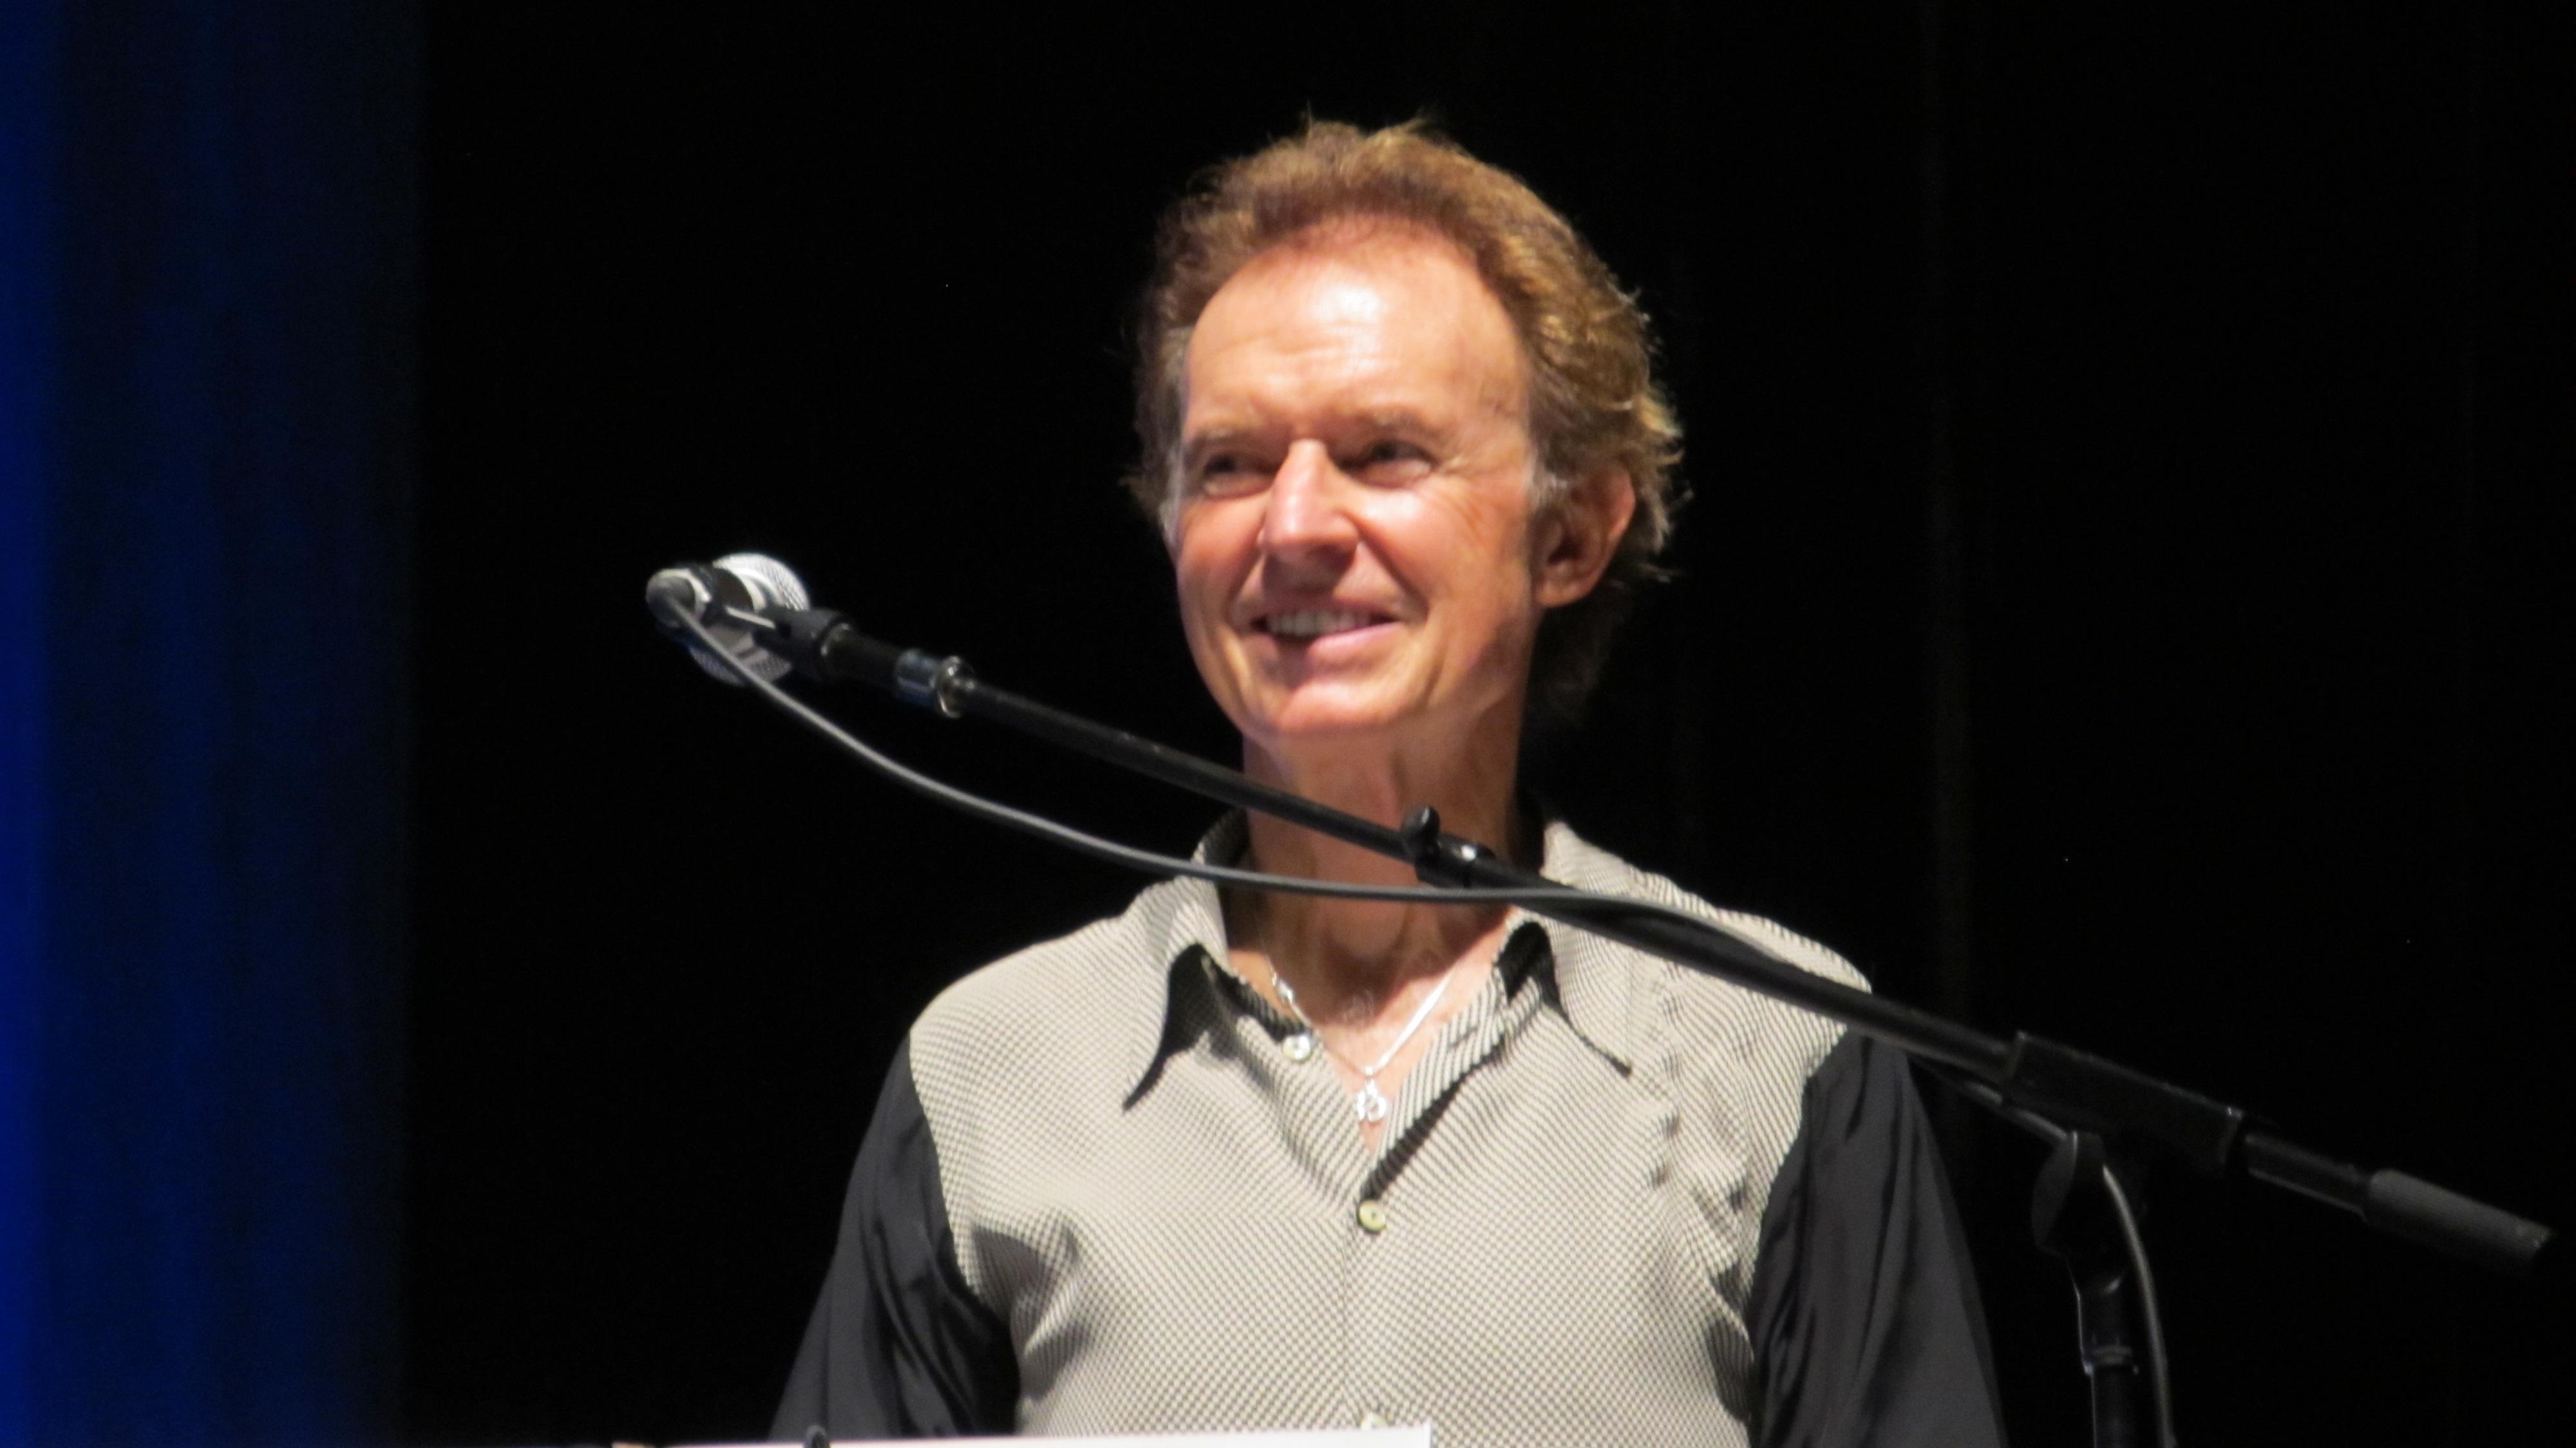 Gary Wright - Wikipedia